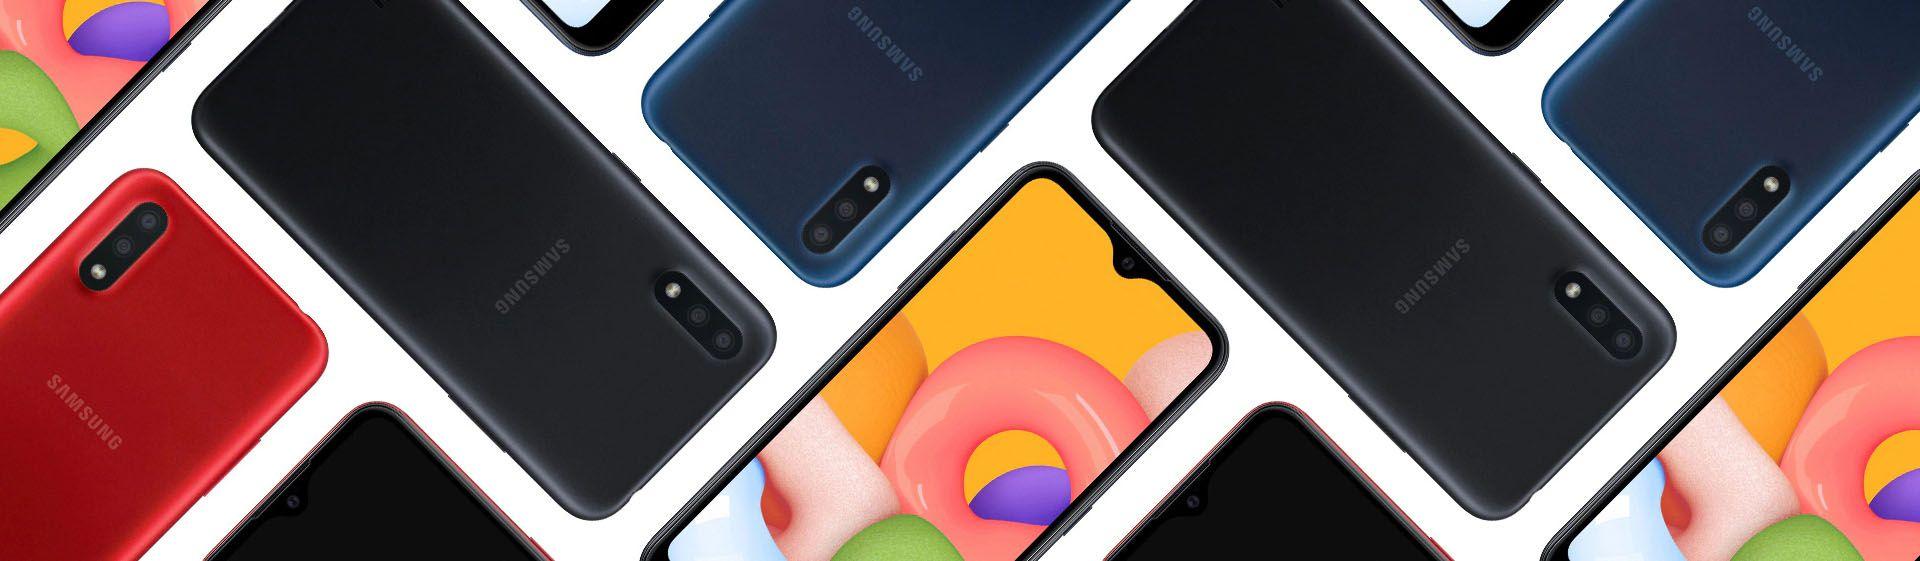 Samsung A01 é bom? Conheça a ficha técnica do celular